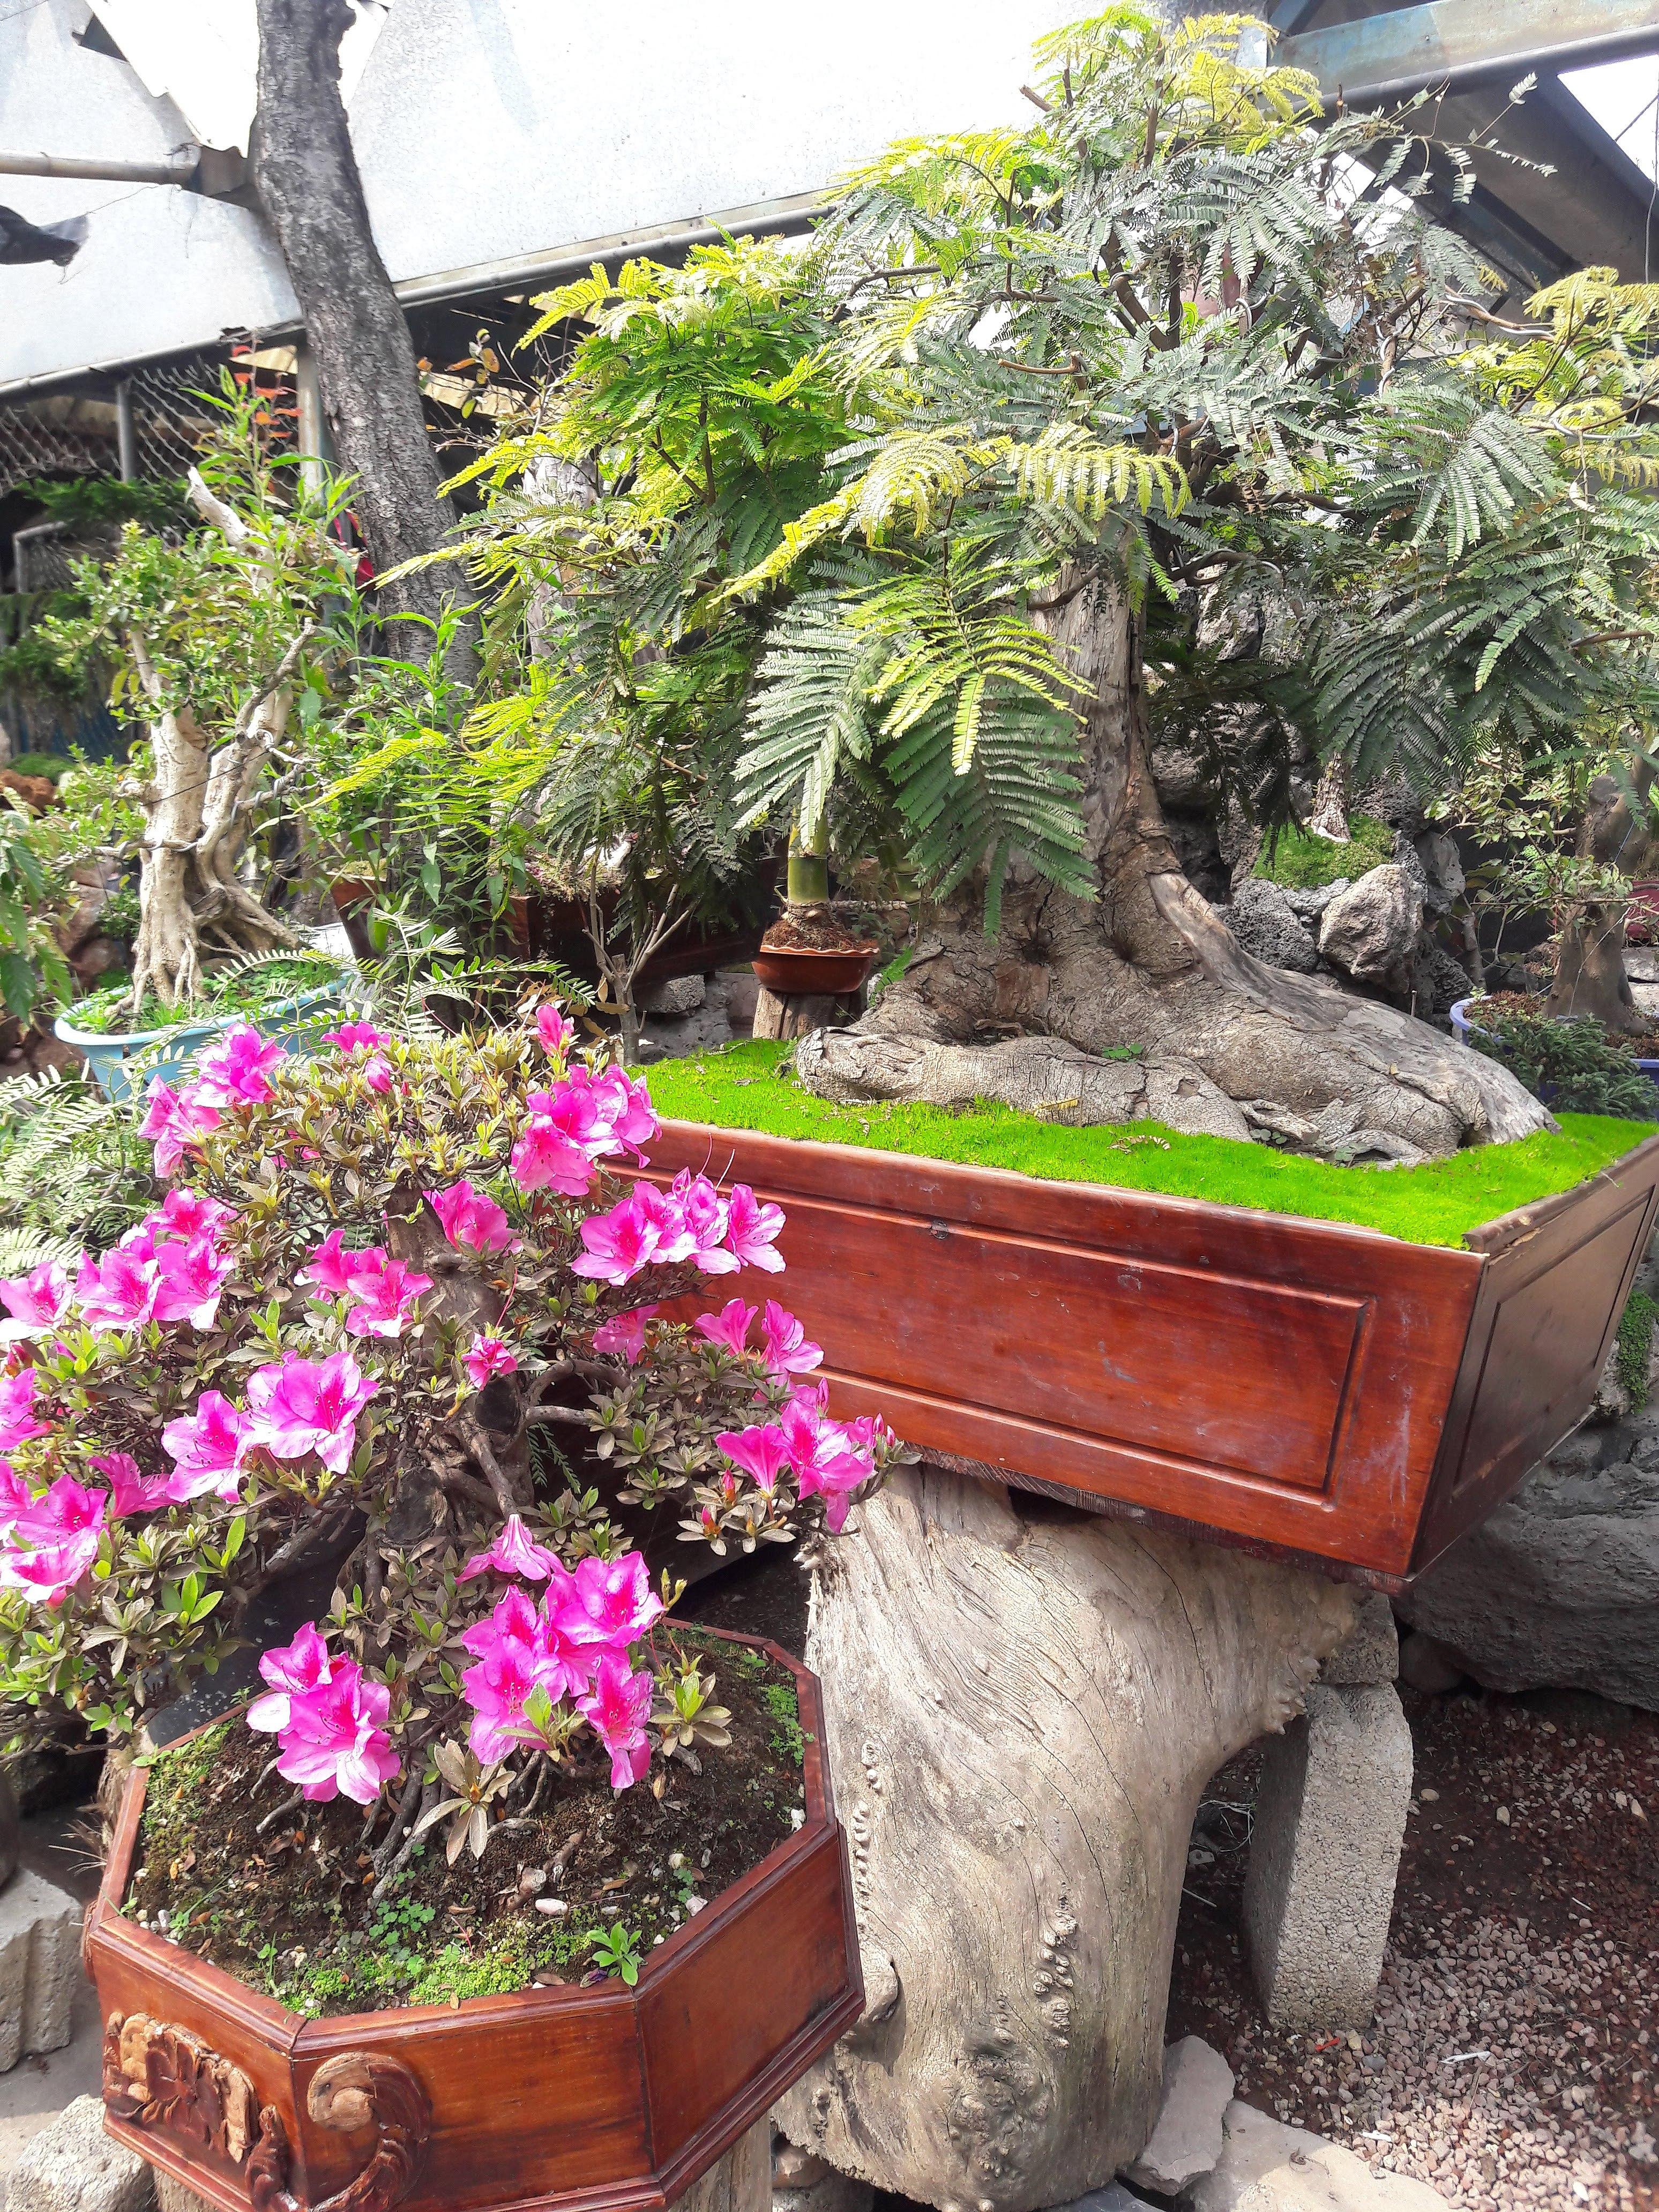 File Arbol Bonsai Y Flores Rosas En El Mercado De Plantas Jpg Wikimedia Commons